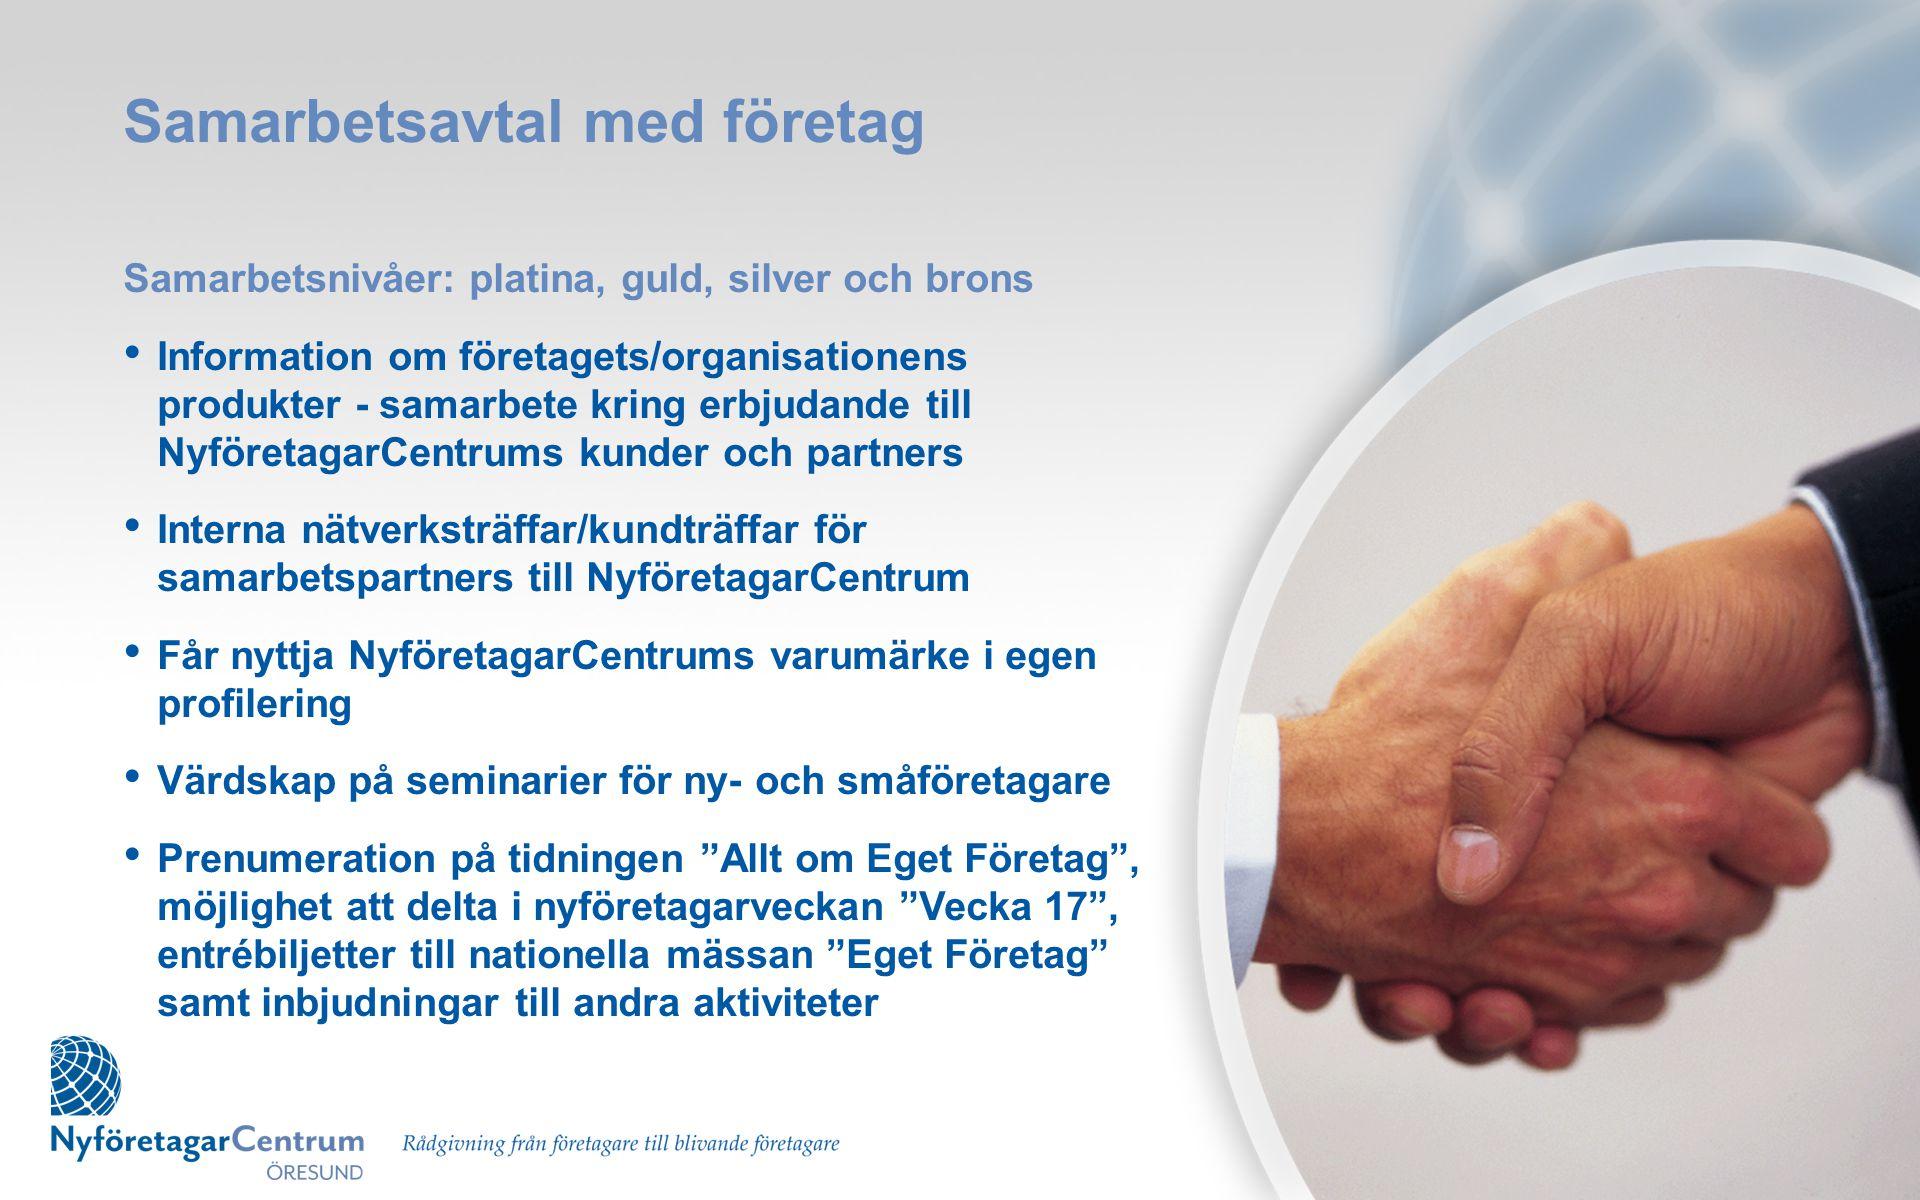 Samarbetsavtal med företag Samarbetsnivåer: platina, guld, silver och brons • Information om företagets/organisationens produkter - samarbete kring er